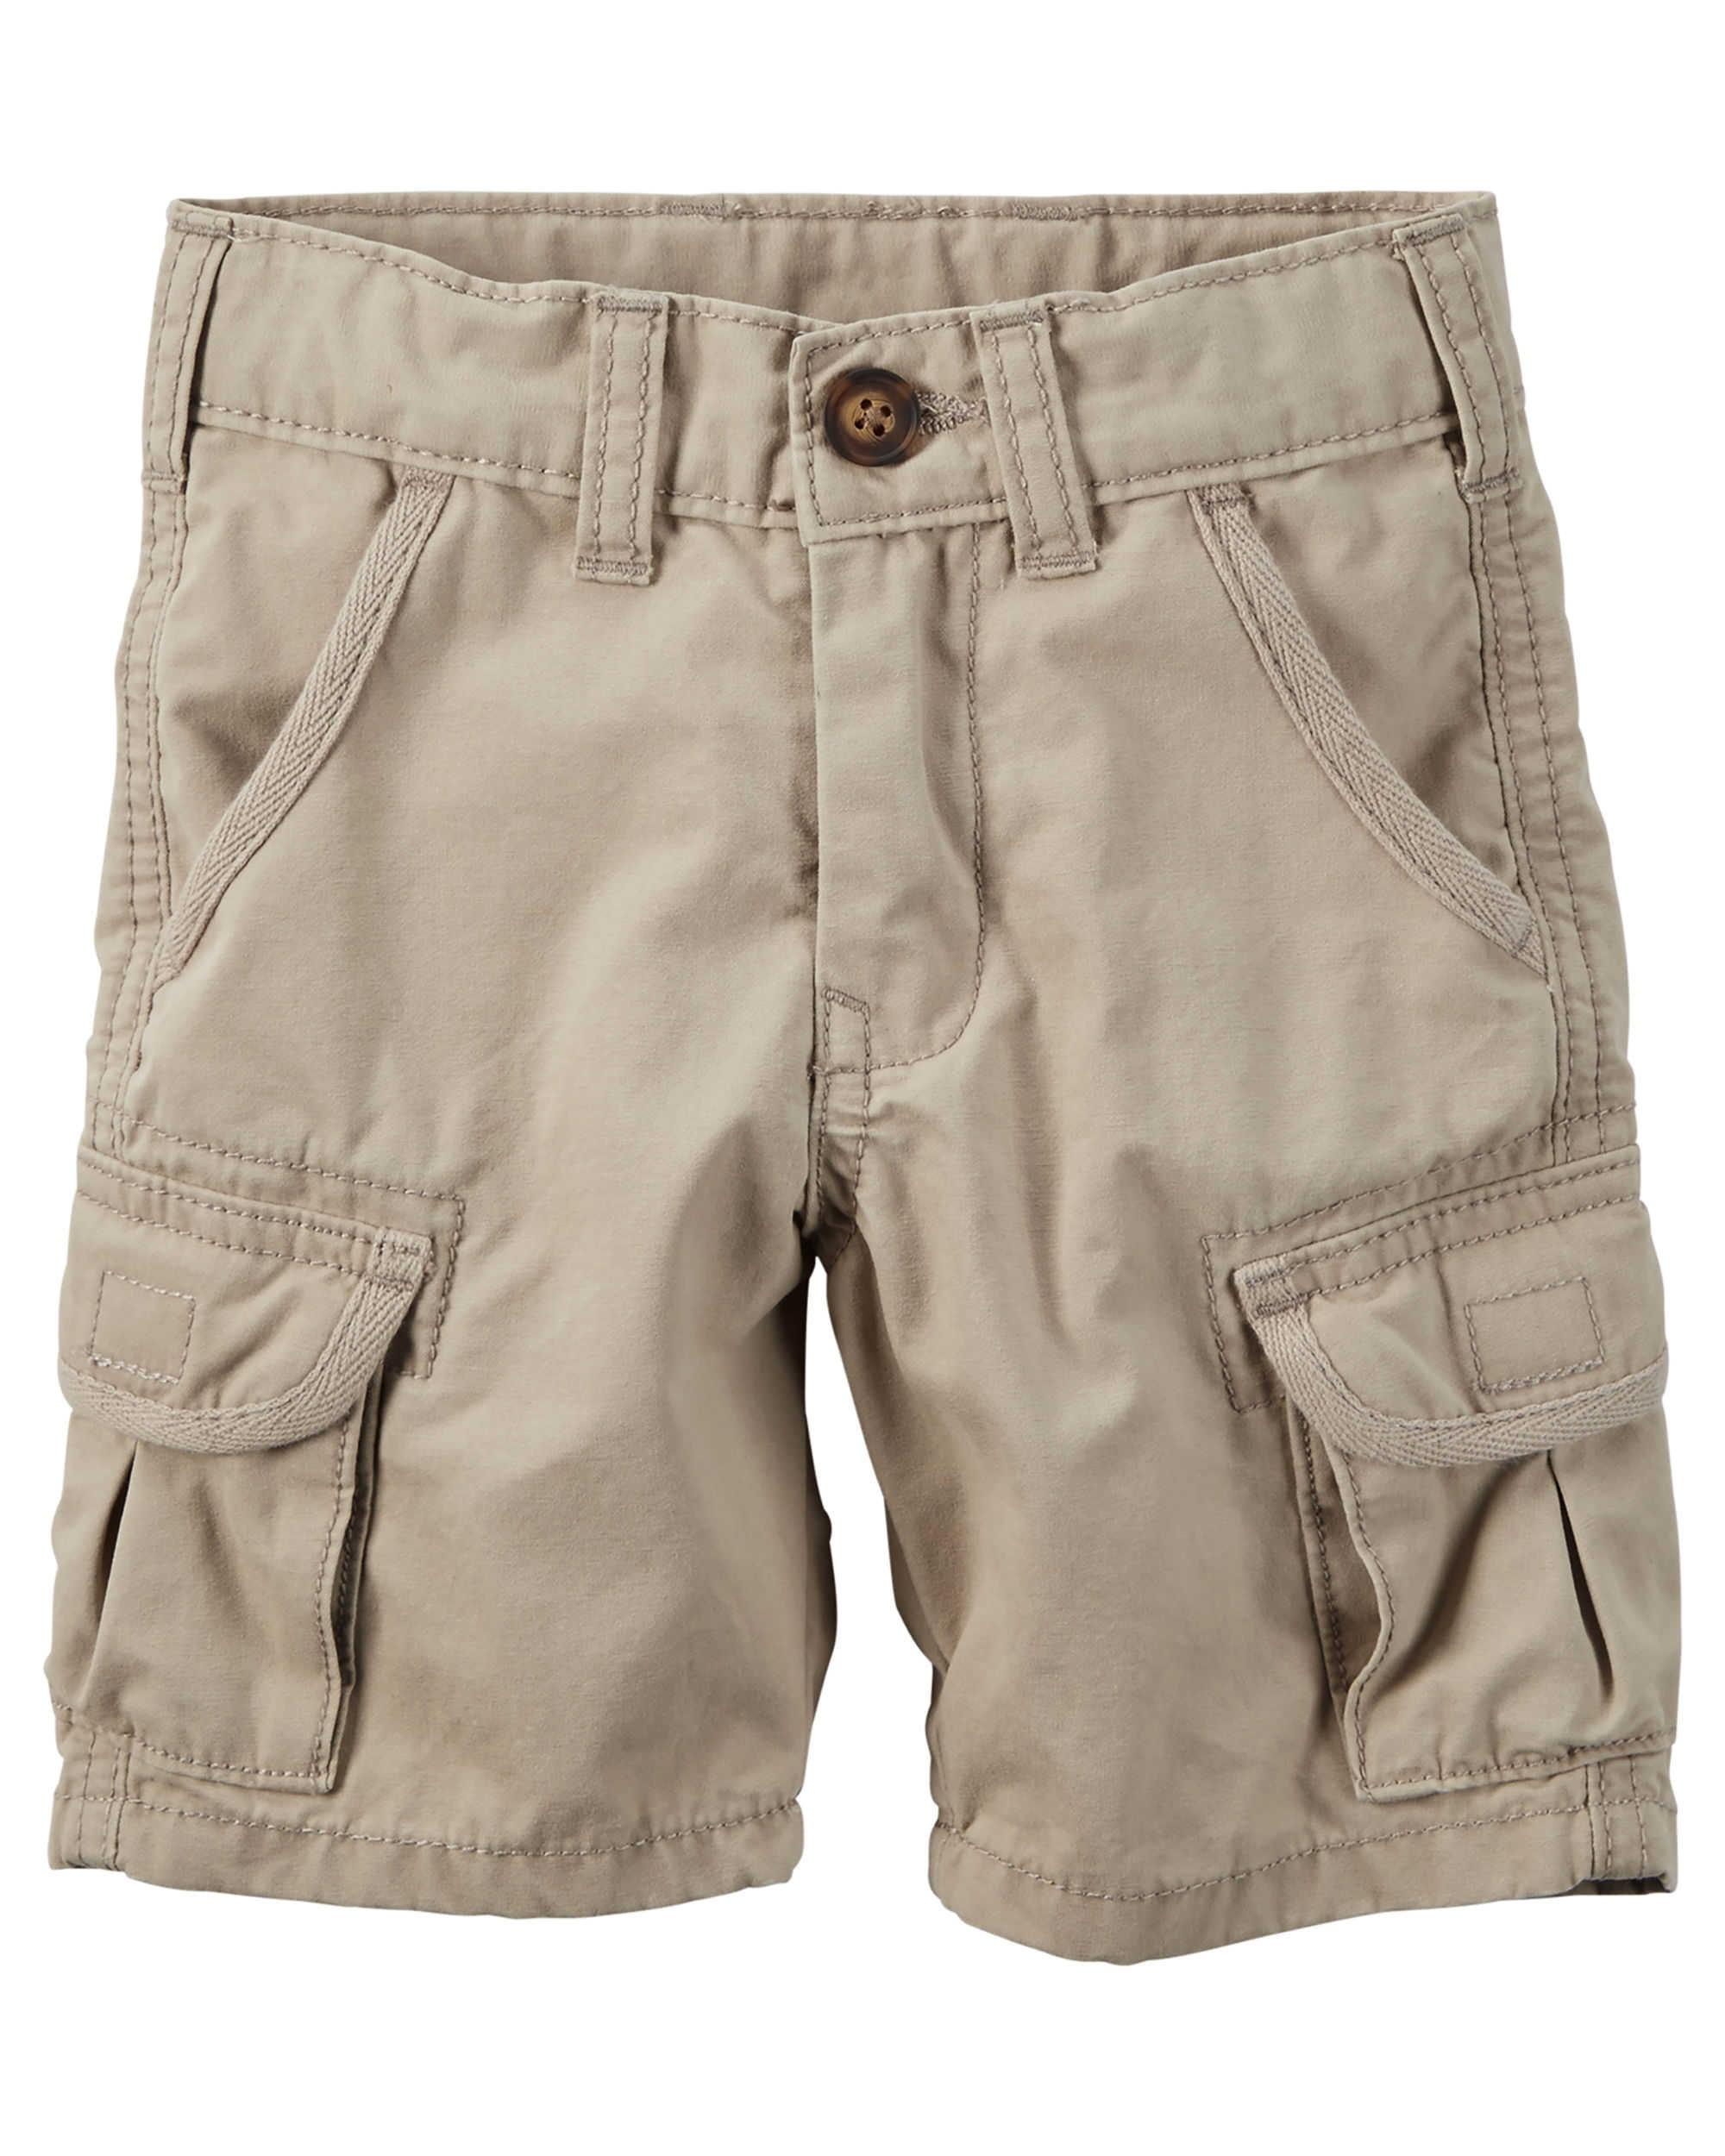 OshKosh B'gosh Big Girls' Cargo Shorts